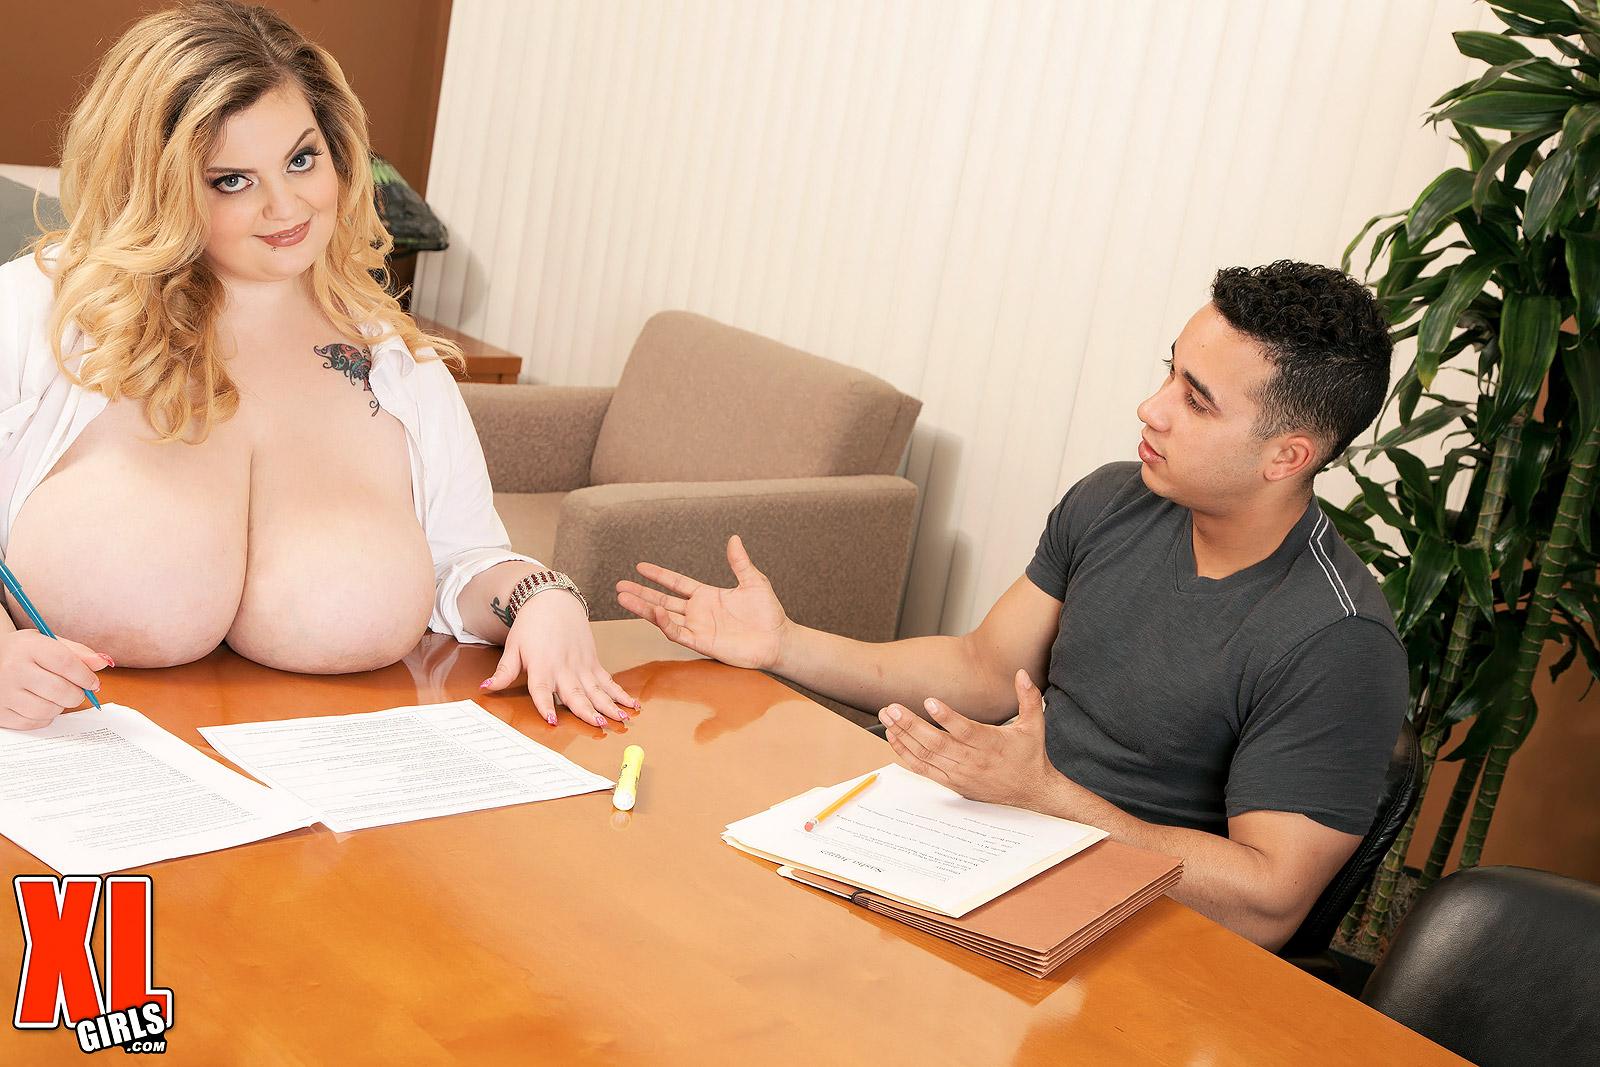 big breast girls sex fukking